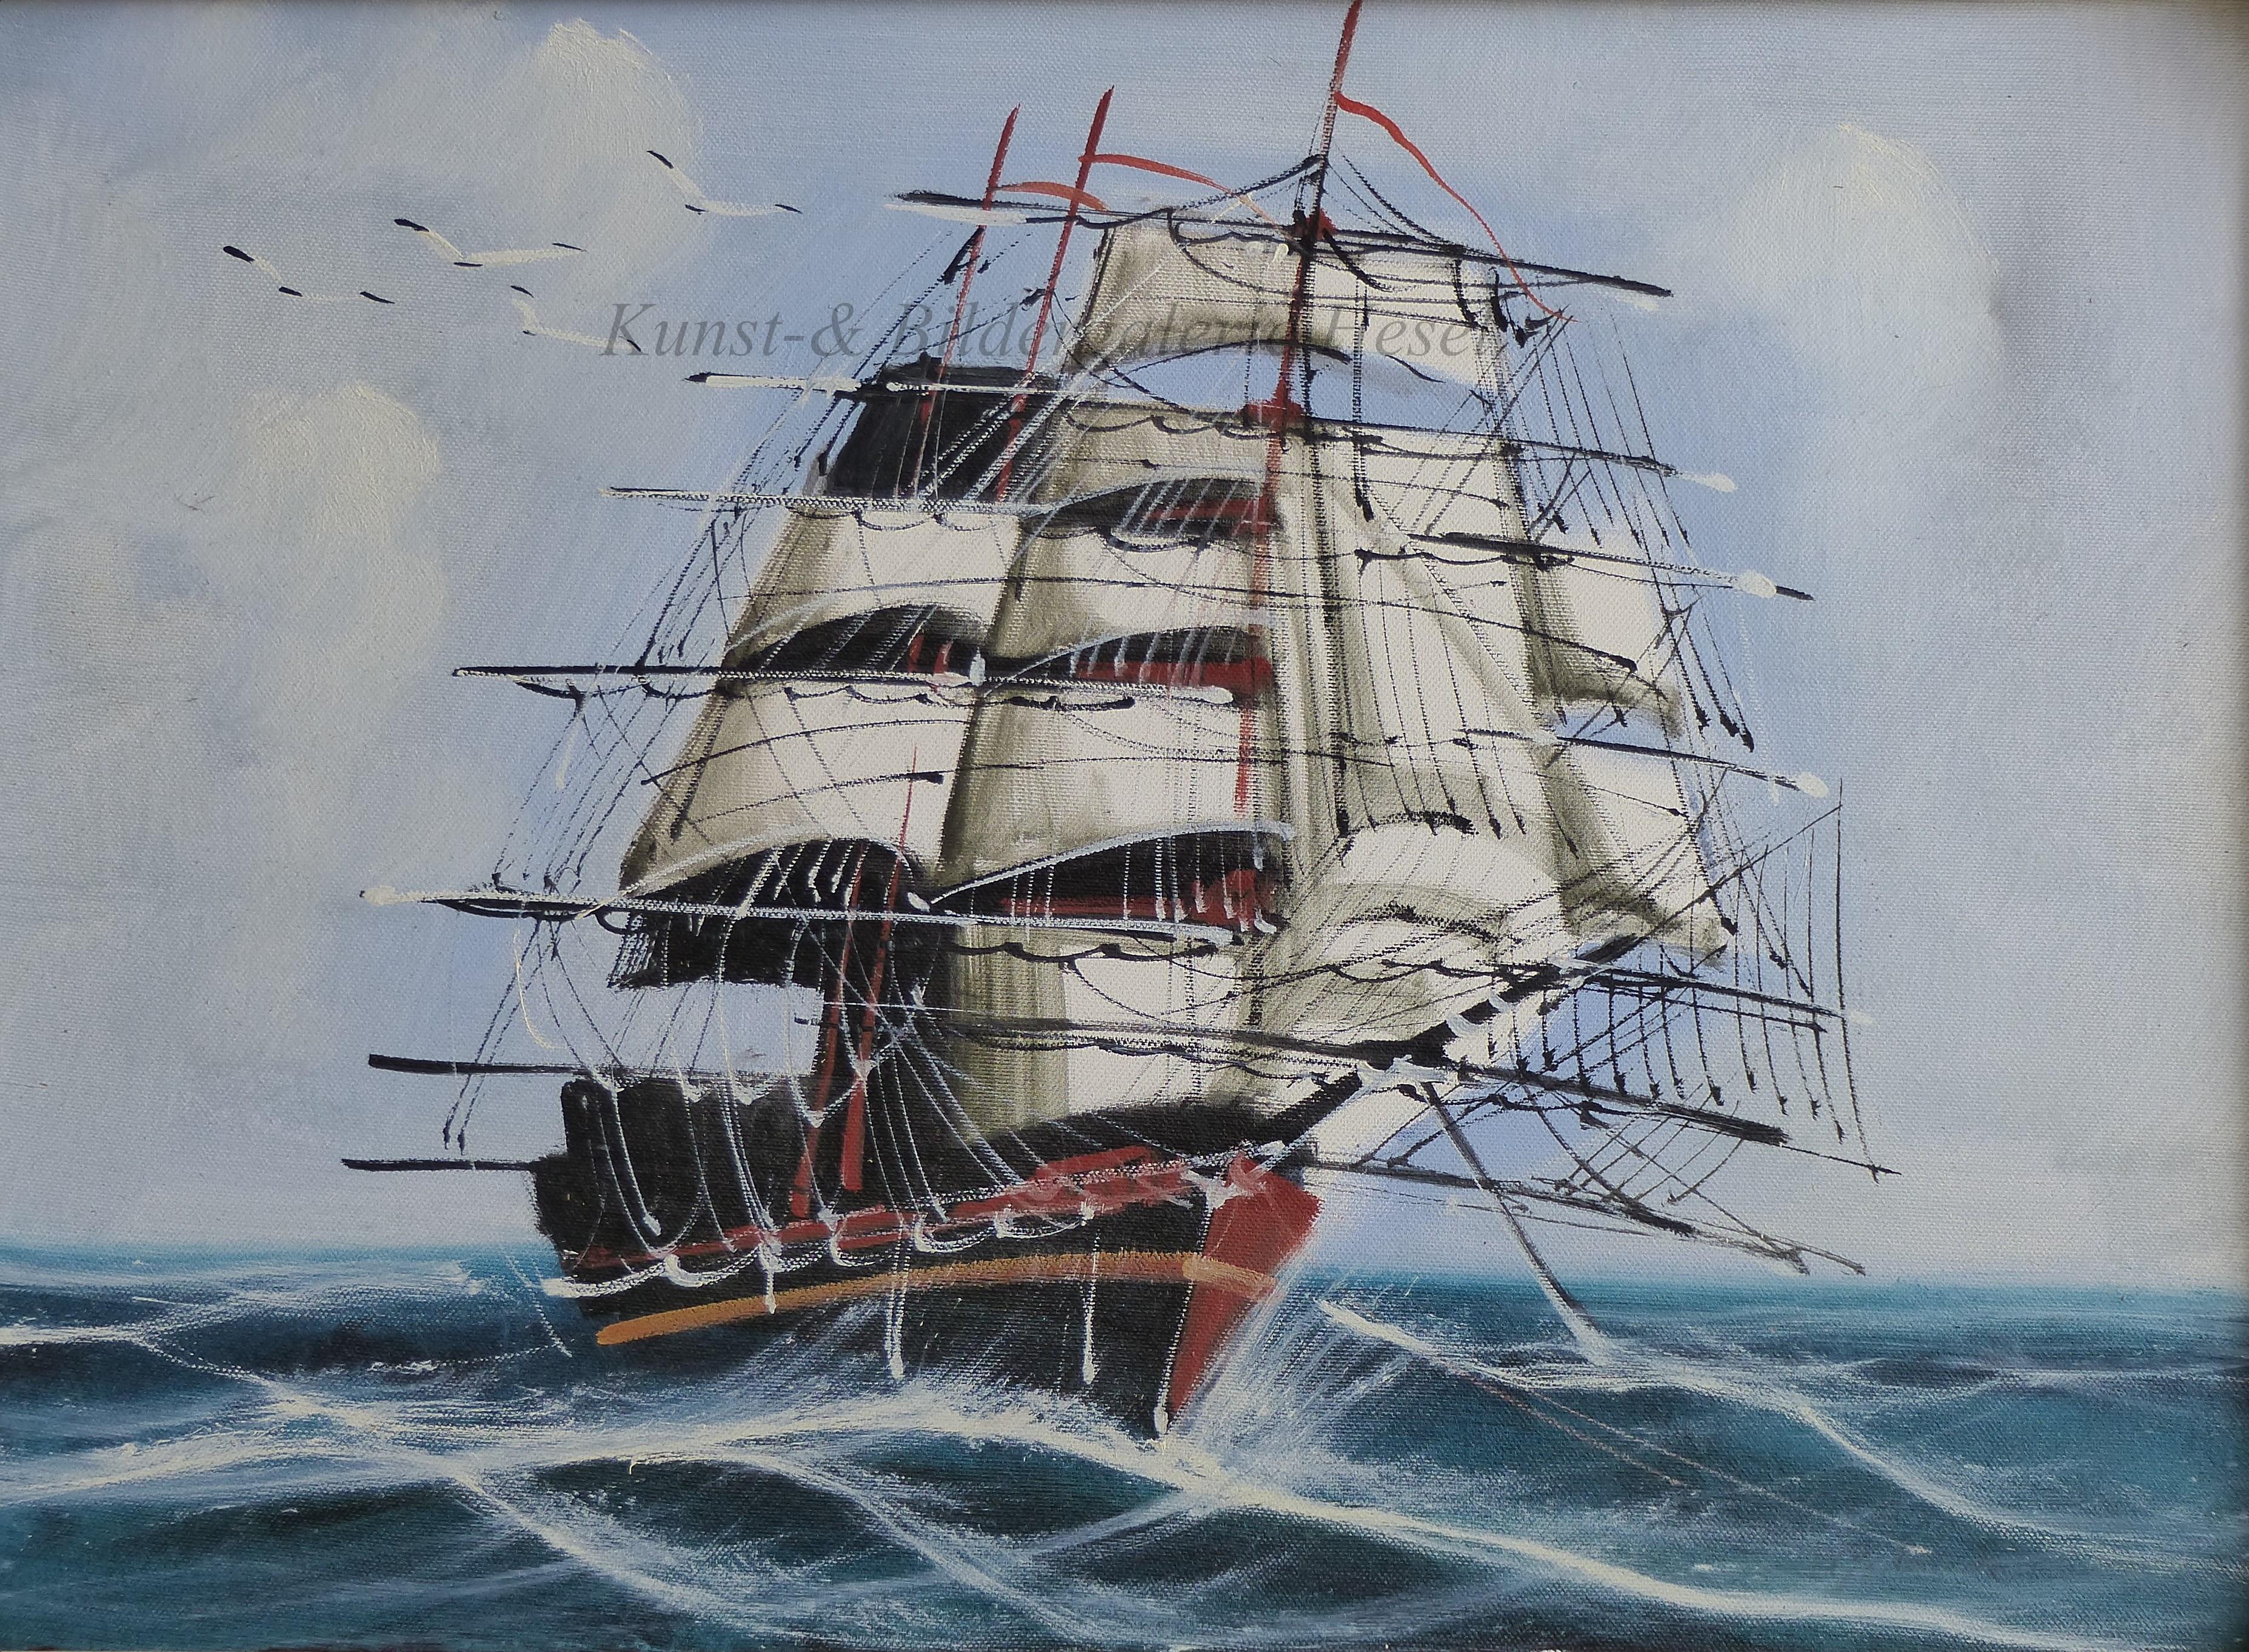 Maritime Ölbilder in der Kunst- und Bildergalerie Hesel